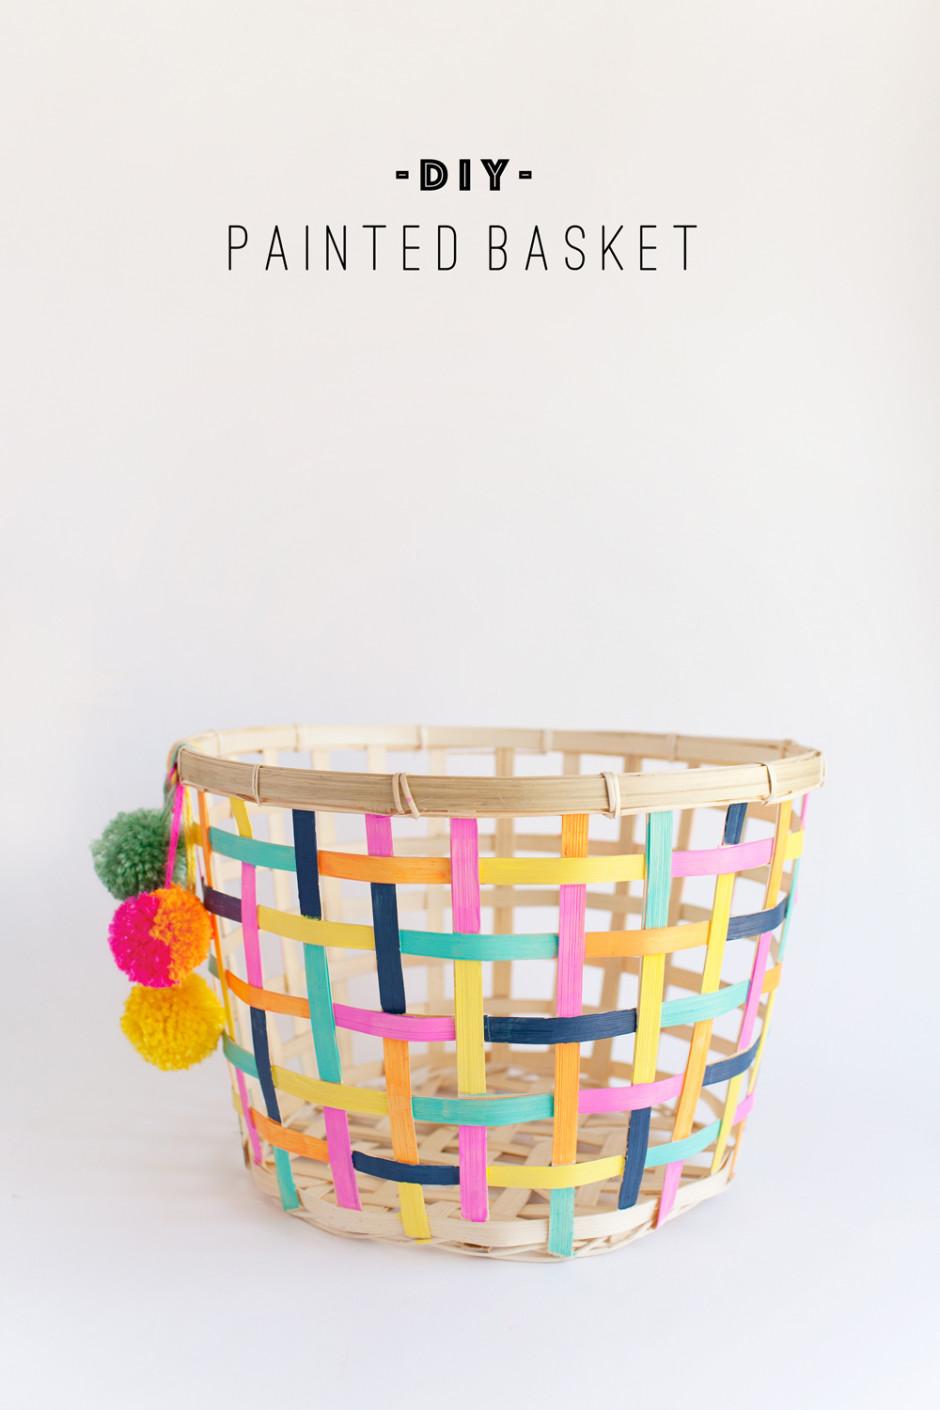 DIY painted storage basket